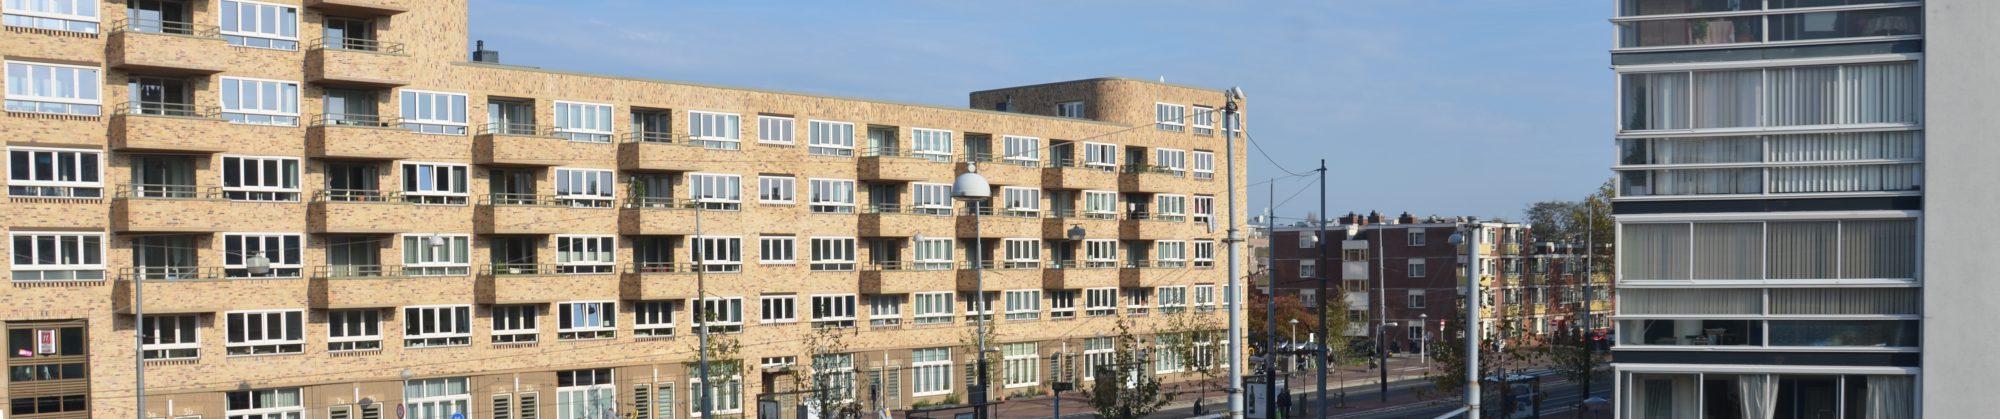 Insulindeweg_Amsterdam_2